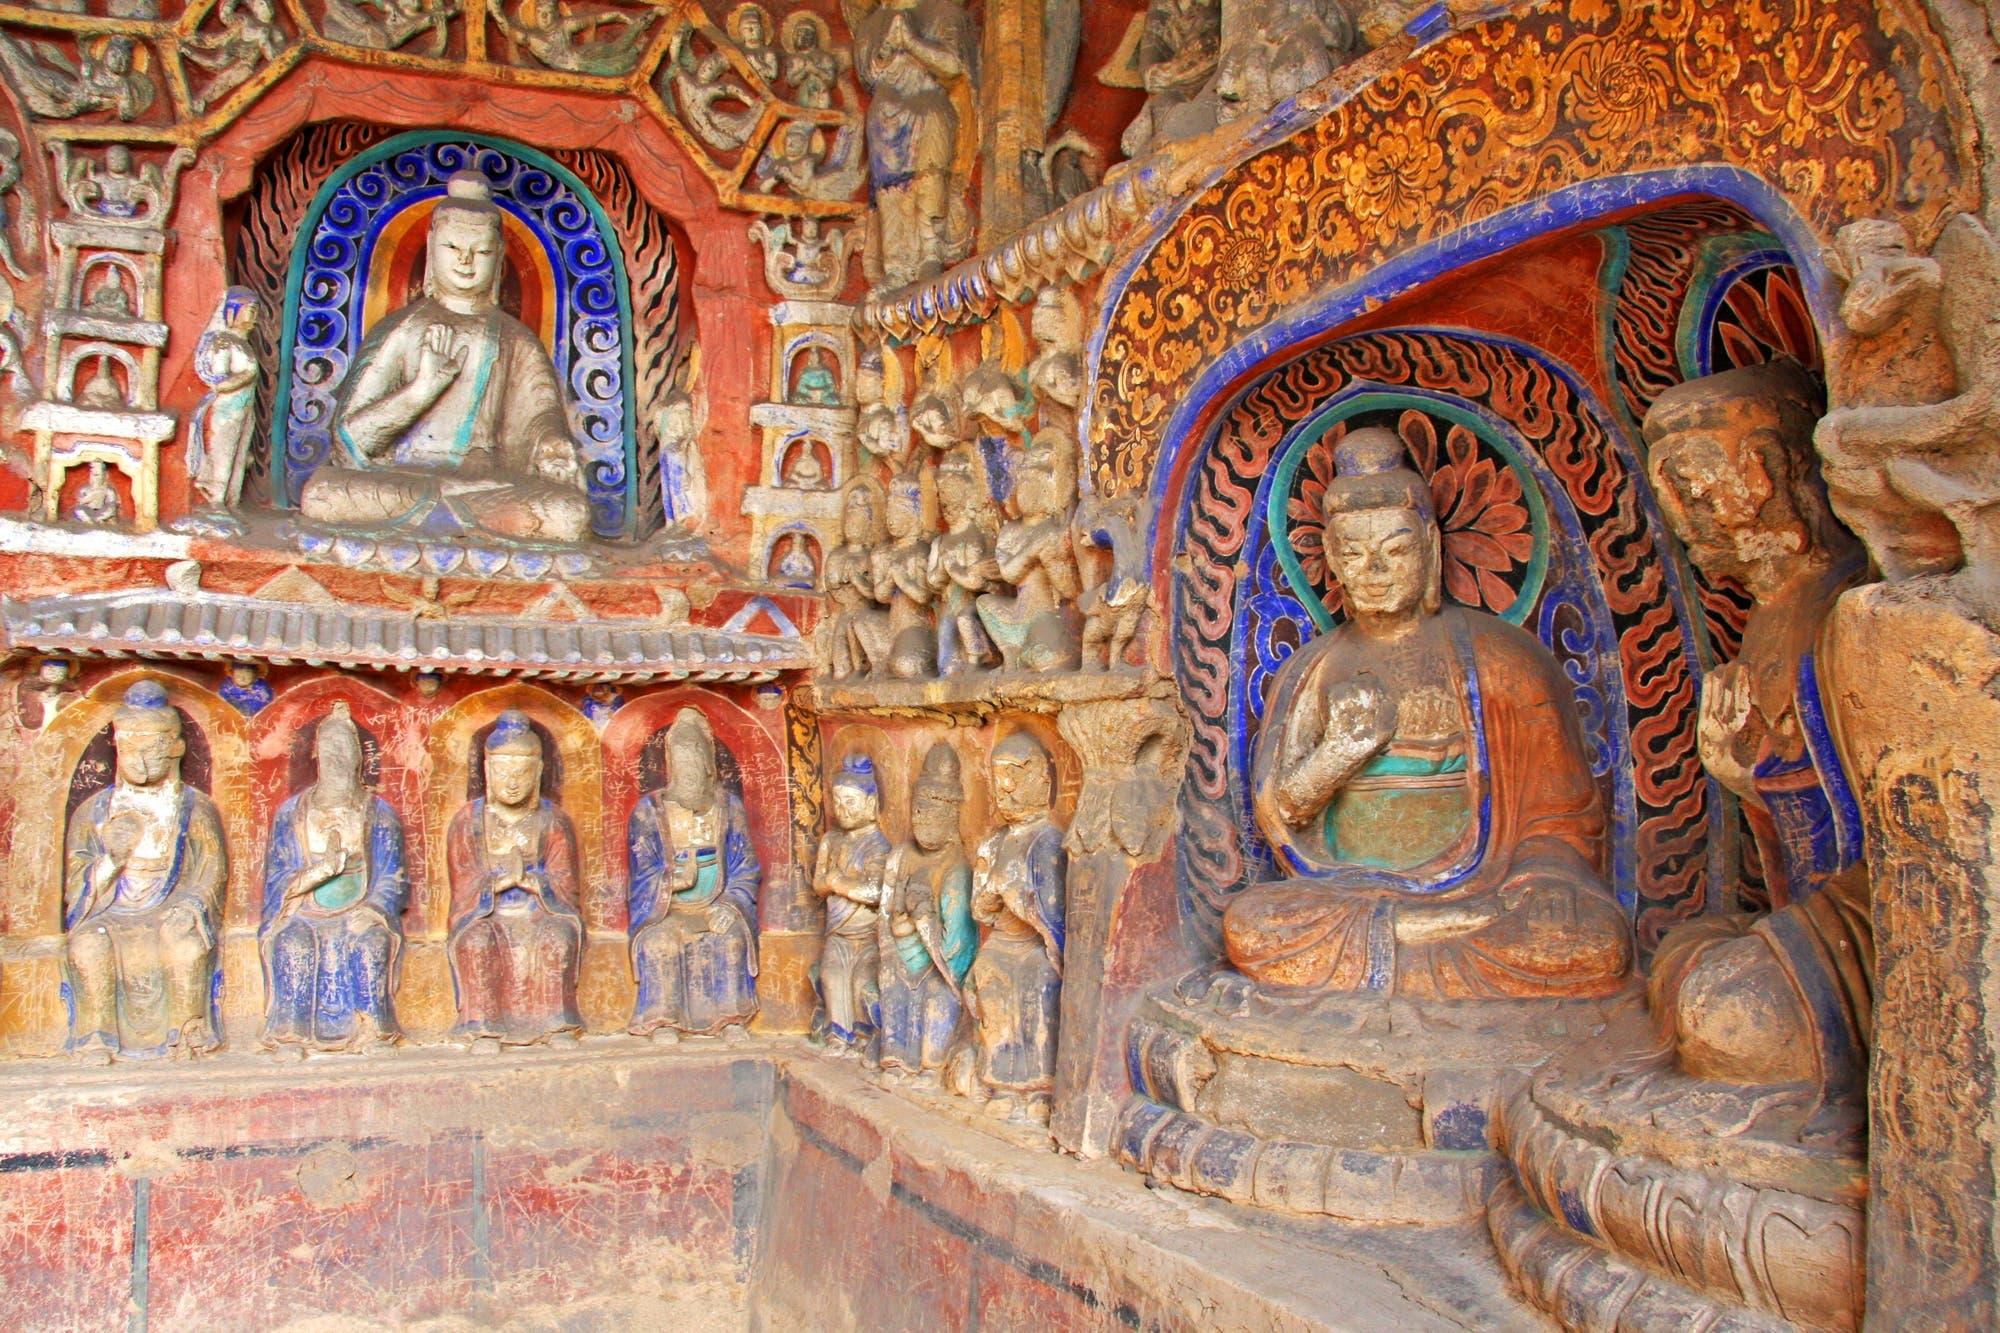 Grutas de Yungang: crearon una réplica exacta de dos cuevas con impresoras 3D para llevar su arte al mundo